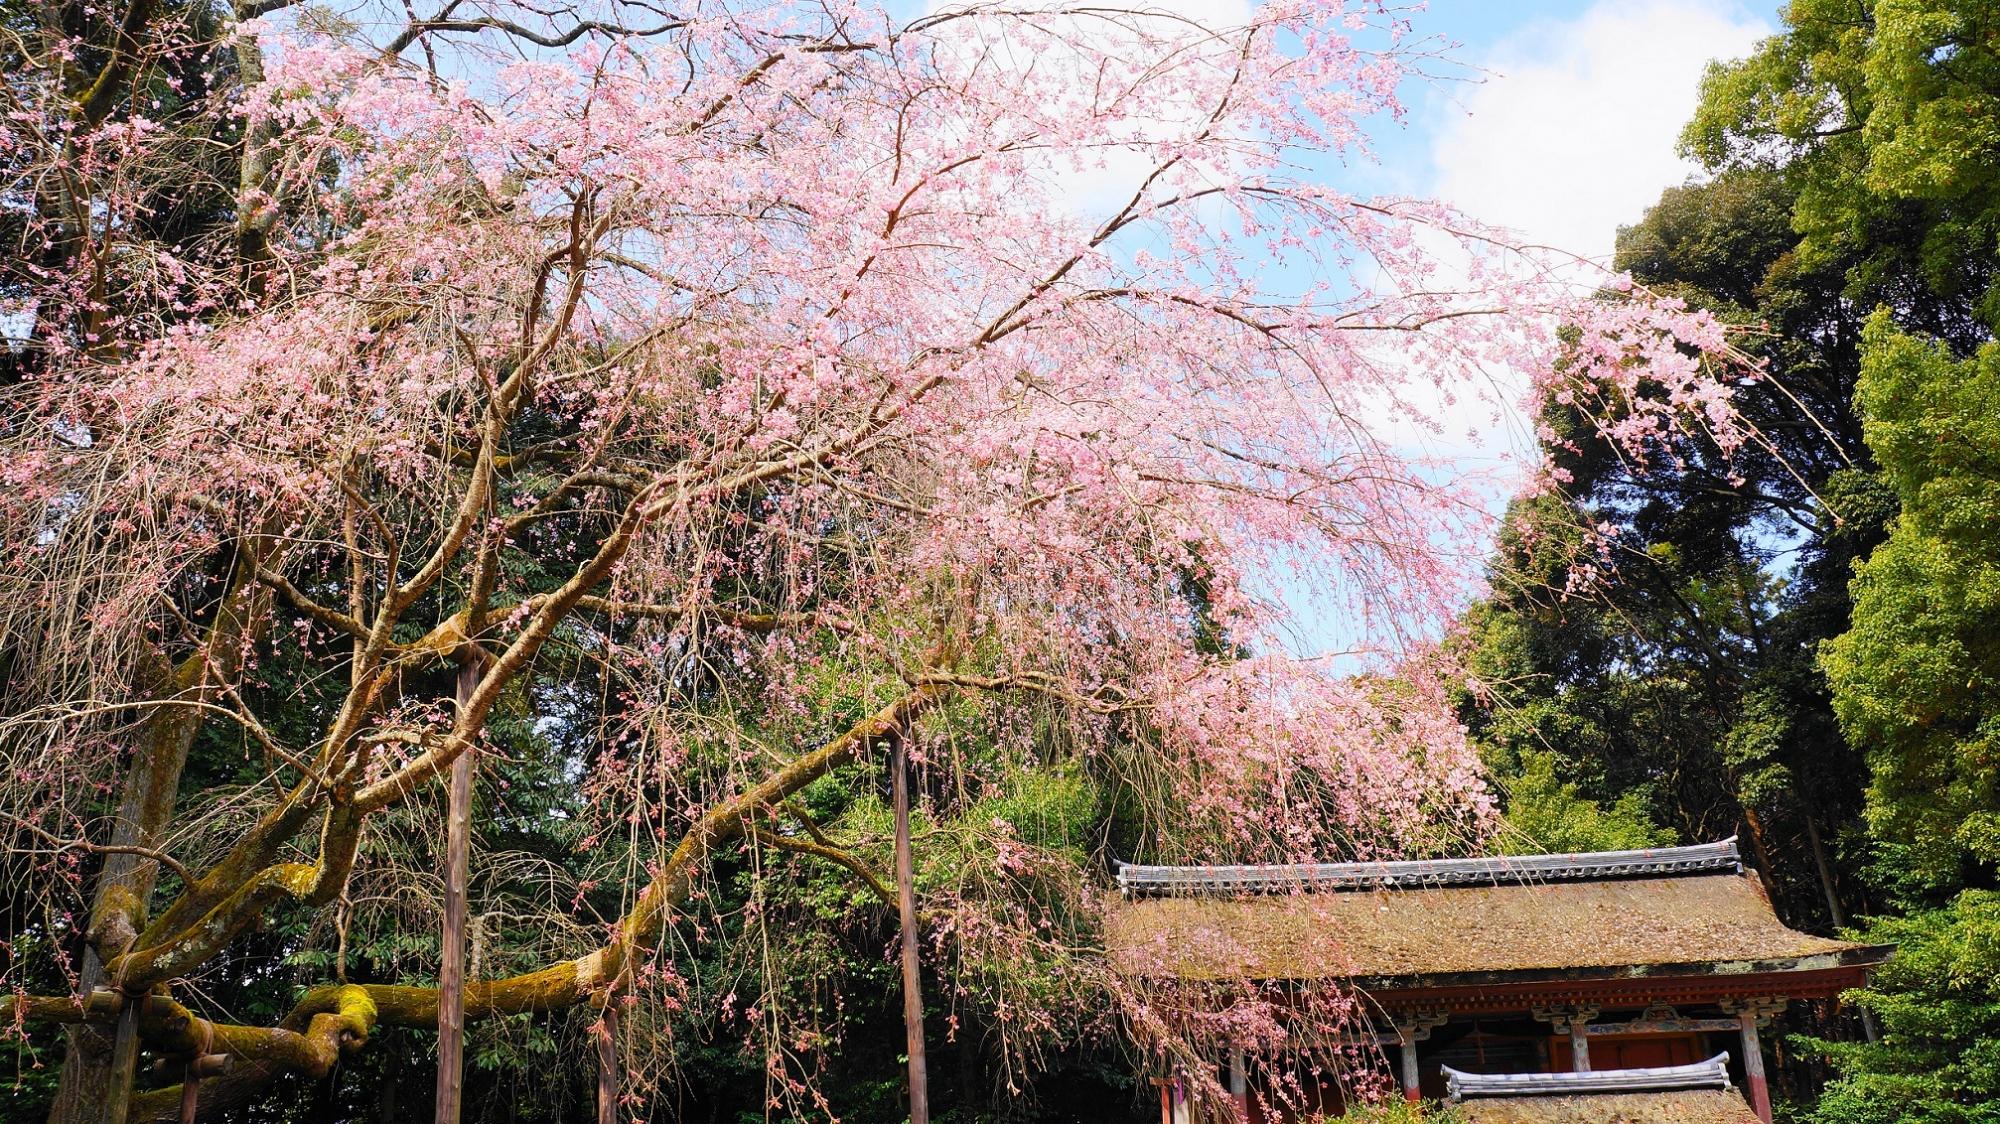 清瀧宮 桜 満開 醍醐寺